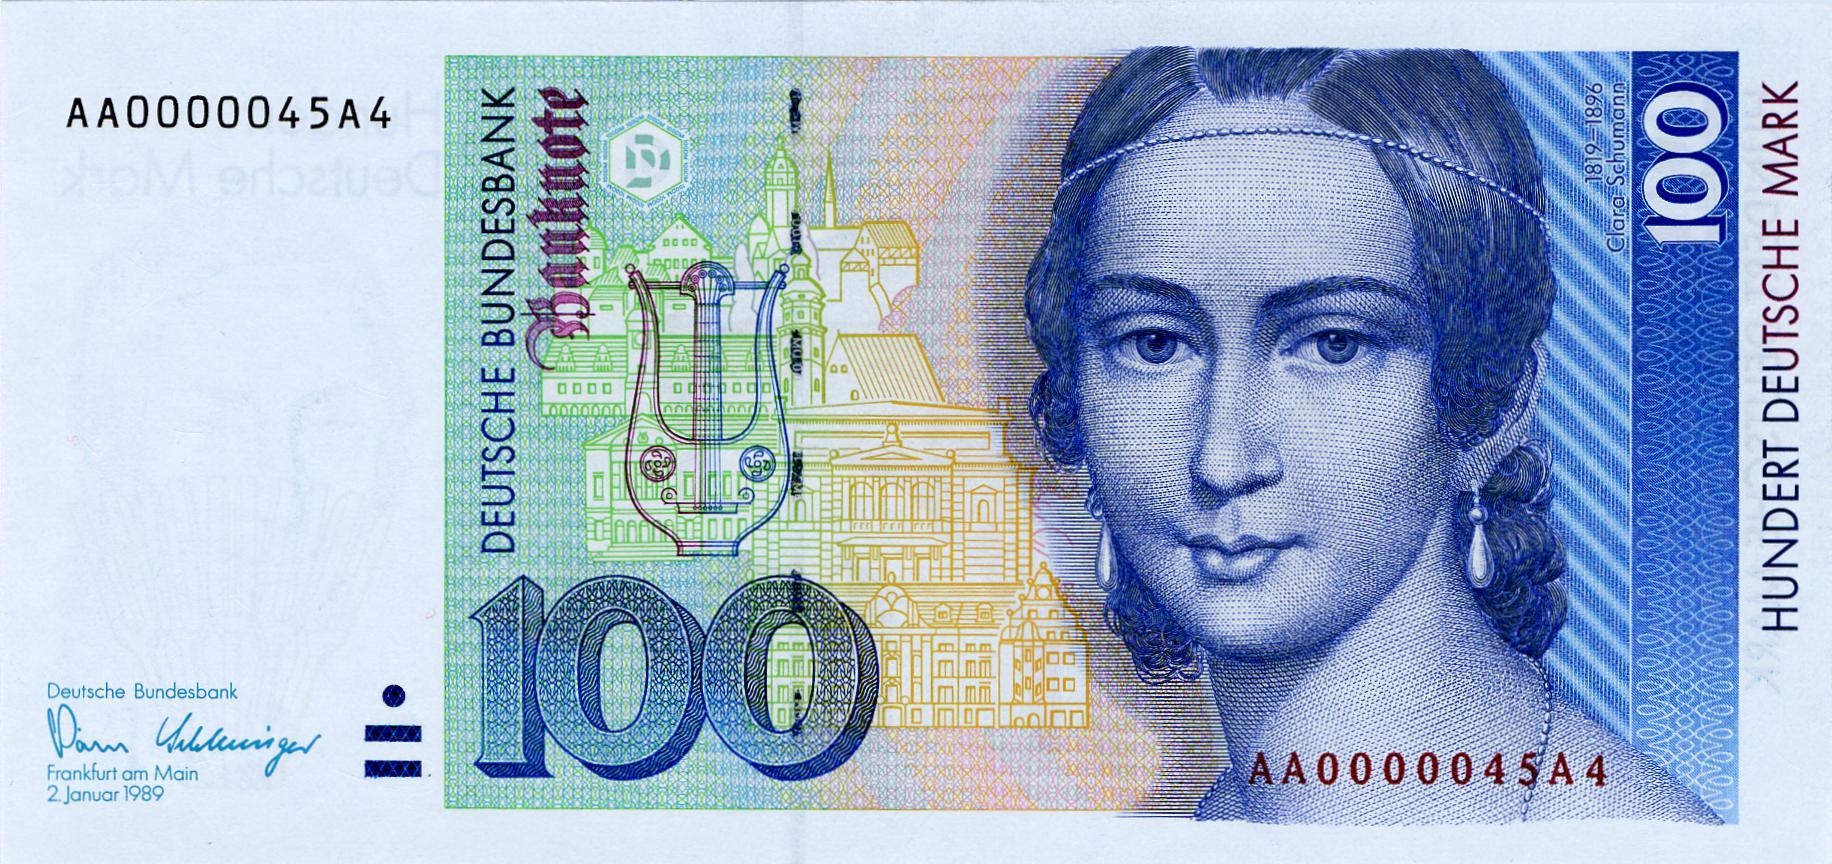 Plant die Bundesregierung den EU-Ausstieg? Die Bundesbank druckt jedenfalls bereits neue D-Mark-Scheine!